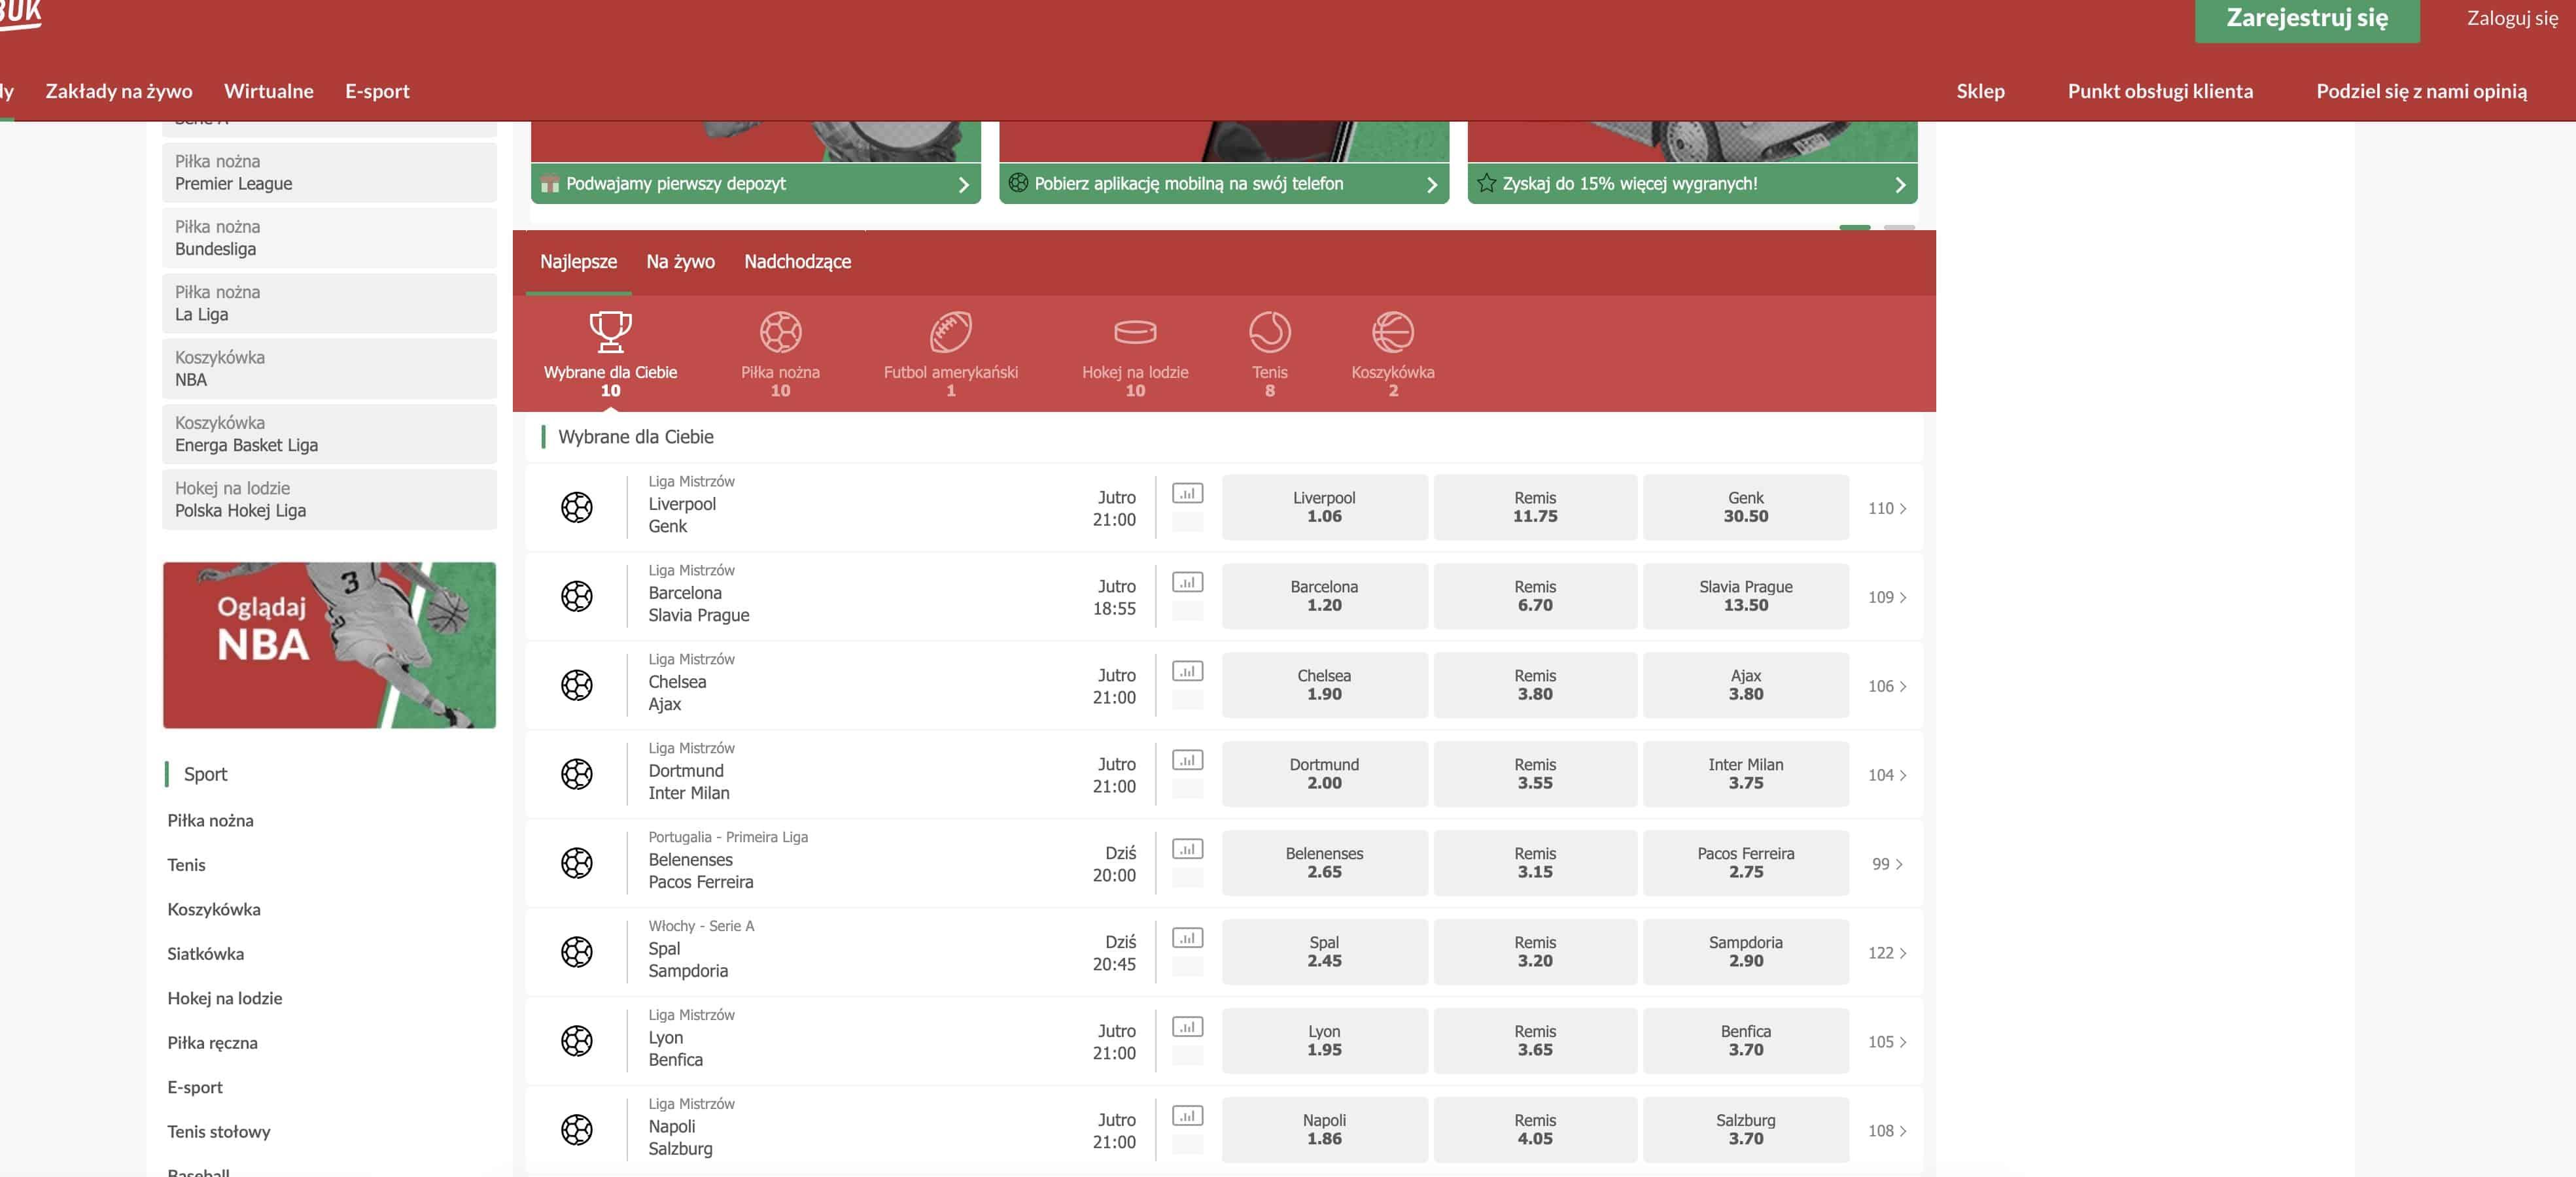 aplikacja mobilna polskie zakłady bukmacherskie